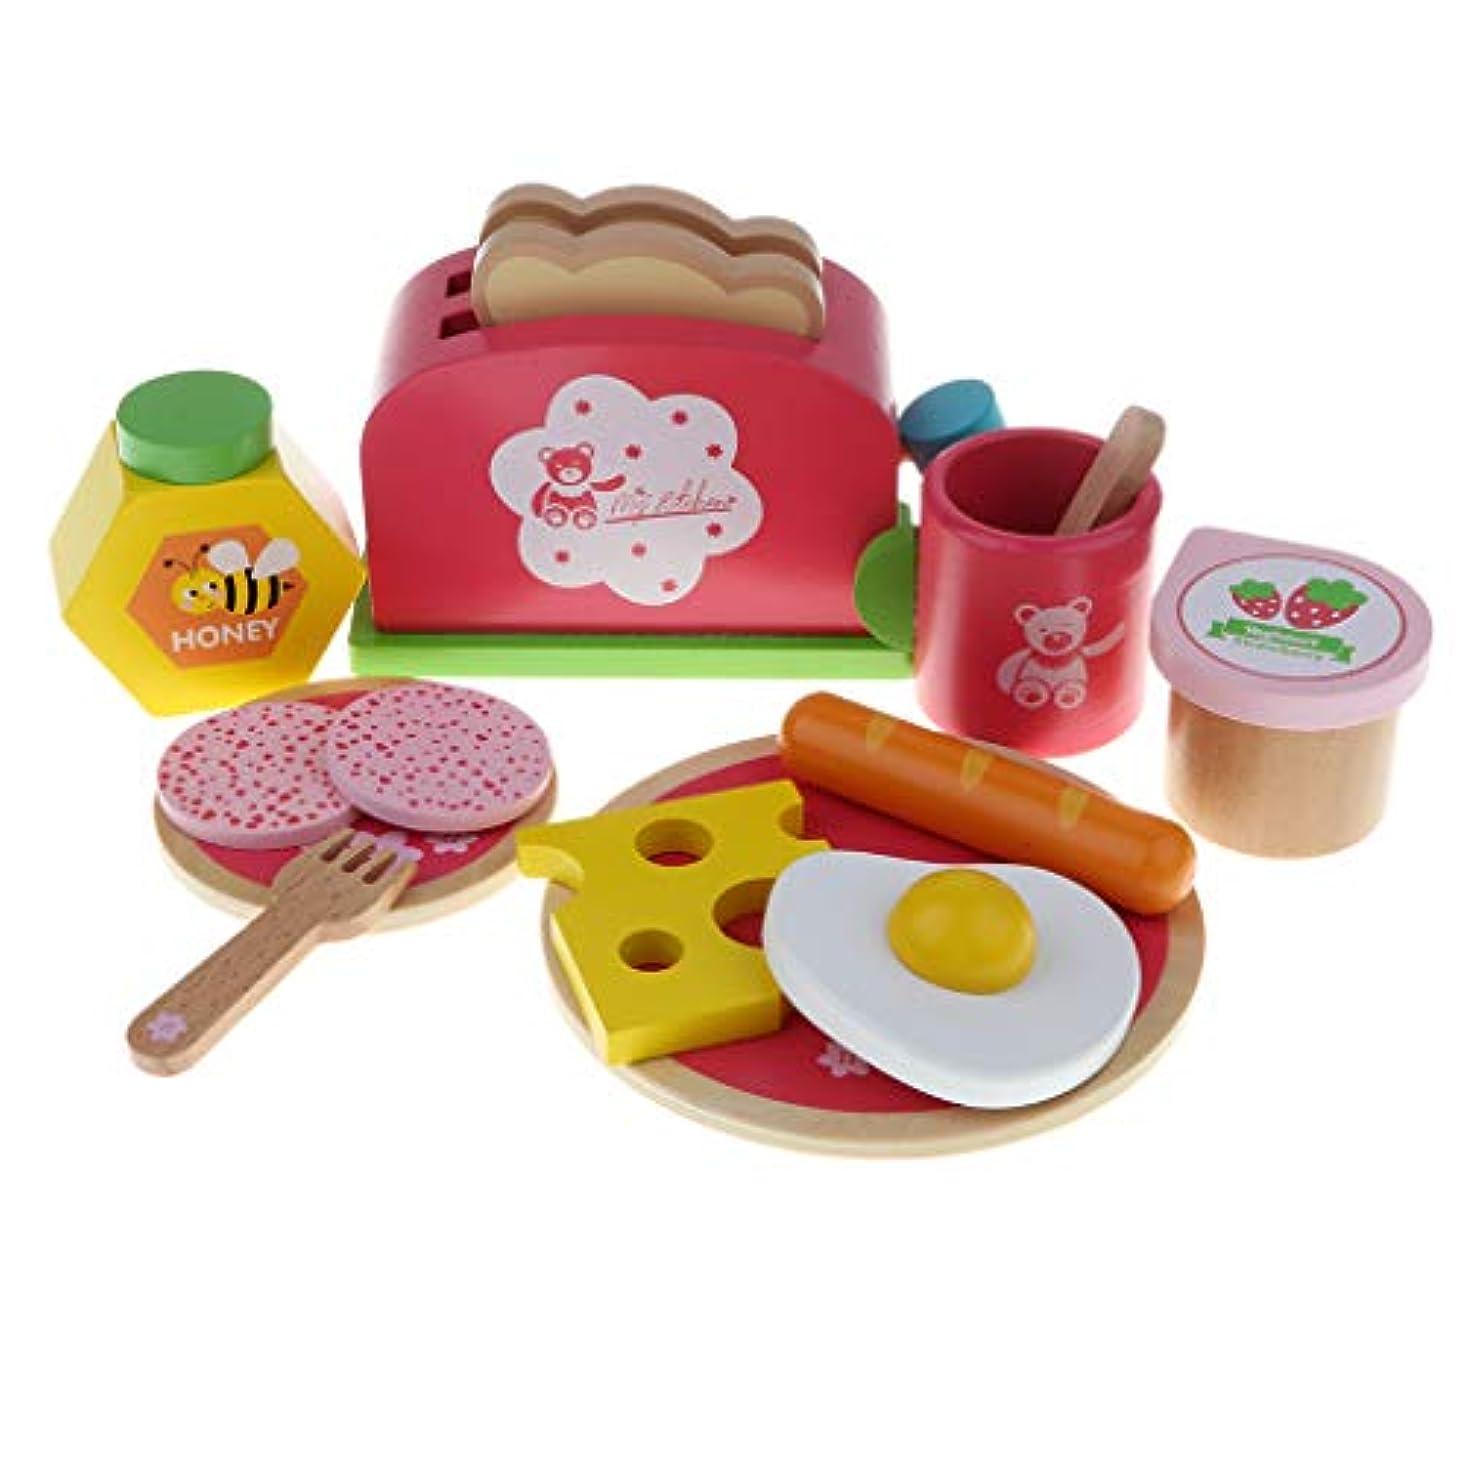 行き当たりばったり赤ちゃん気楽なToygogo 木製 ドールハウス装飾 キッチン 朝食セット 食器 調理器具 食べ物模型 おままごと おもちゃ